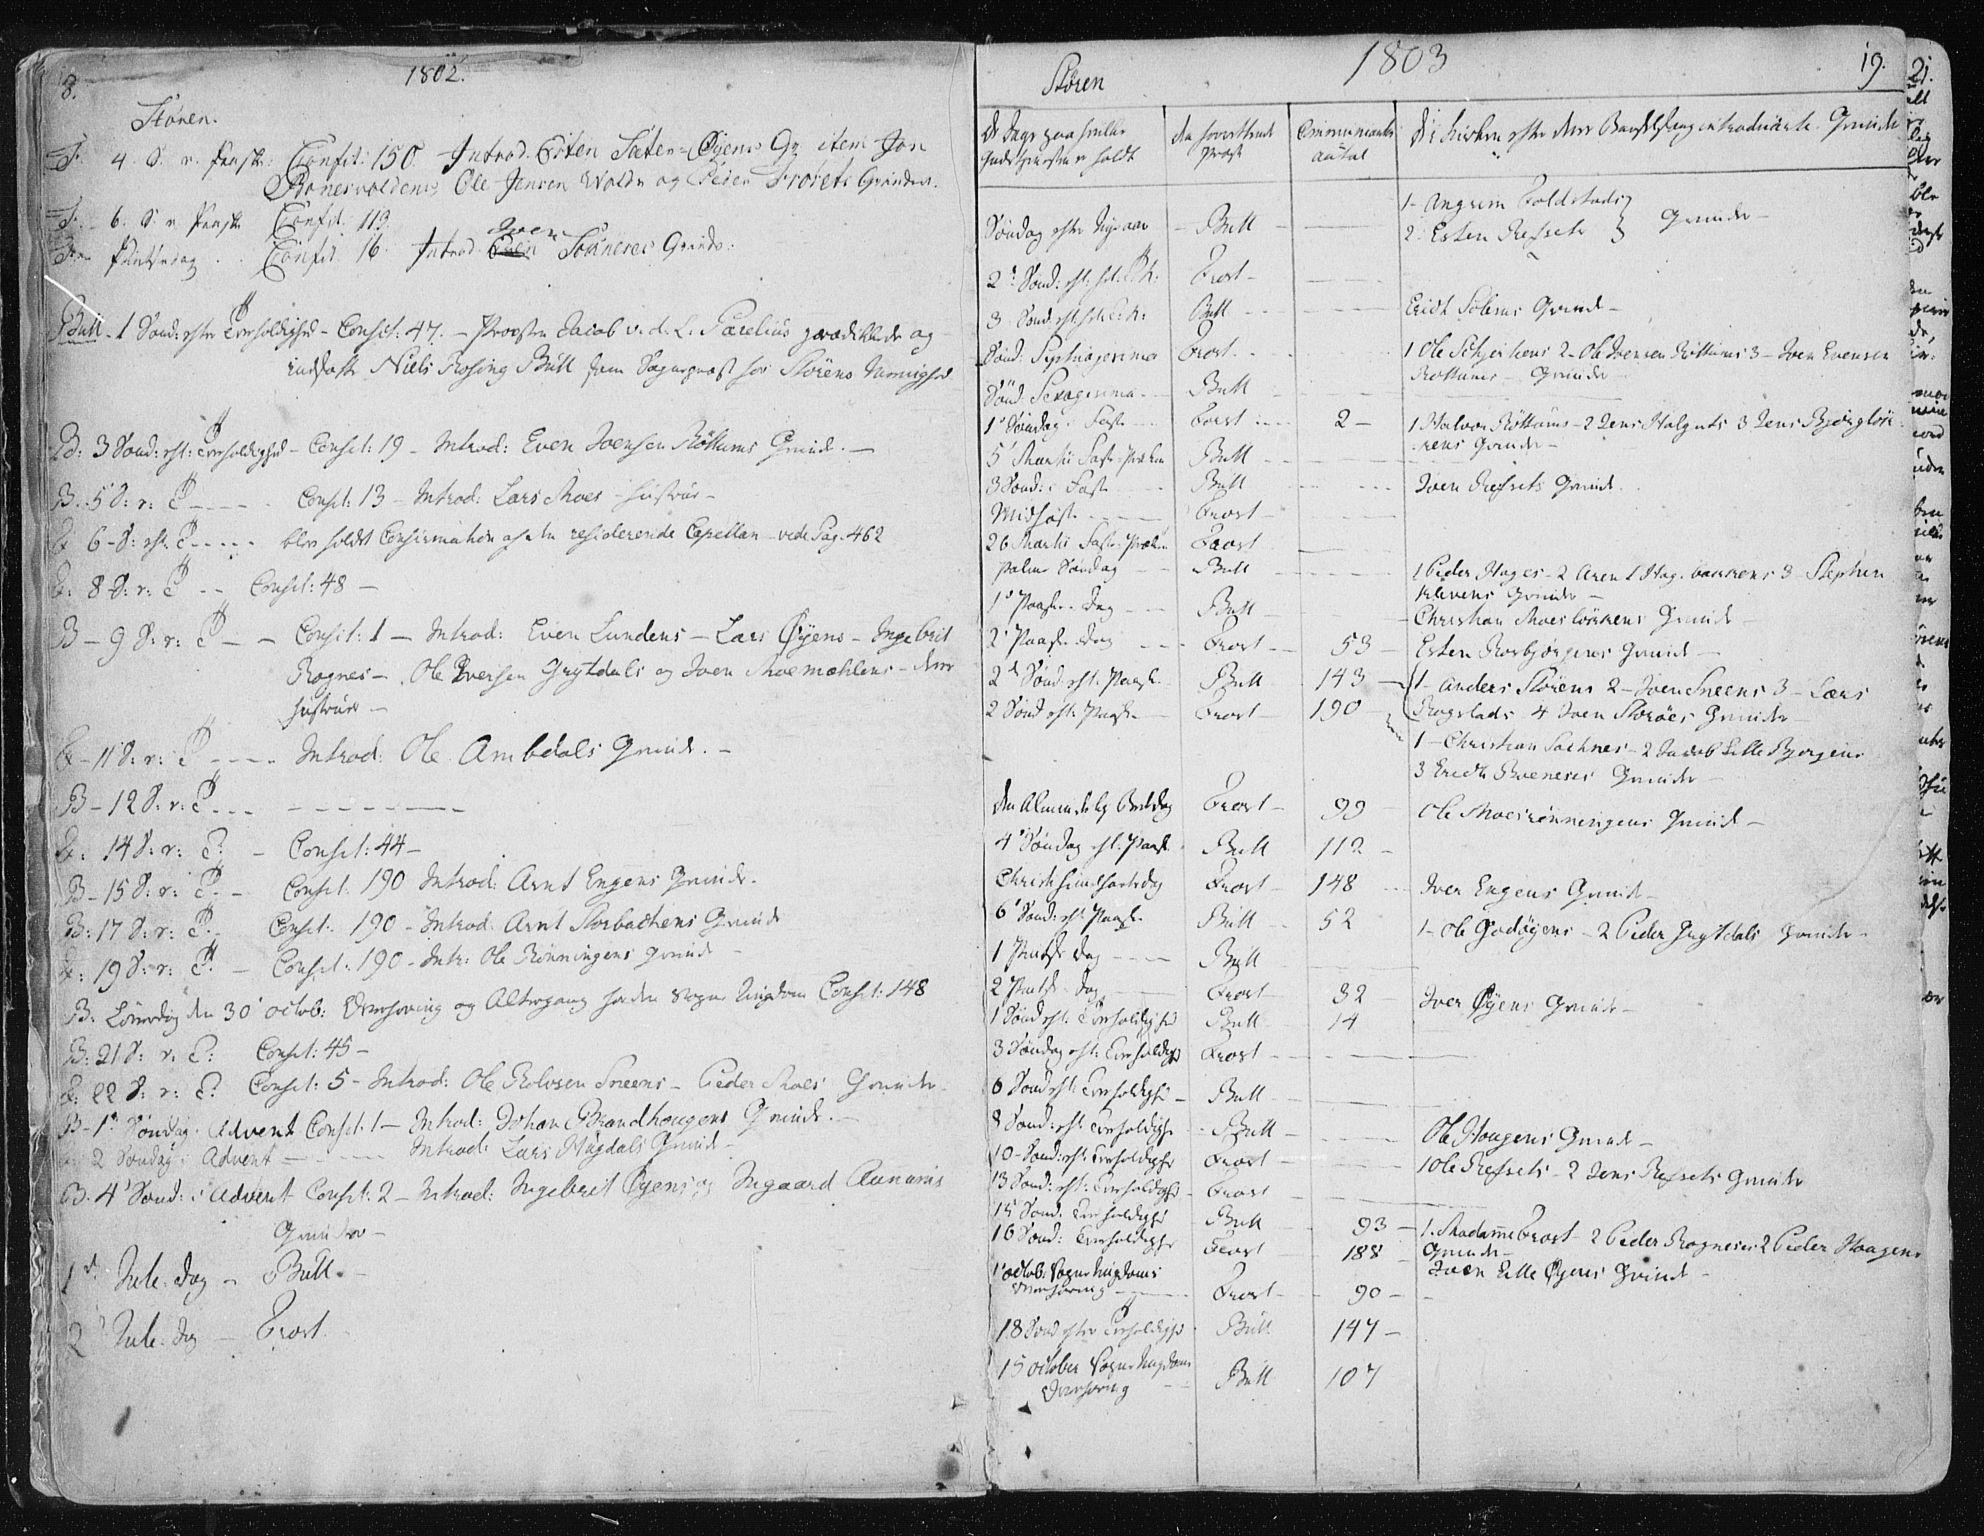 SAT, Ministerialprotokoller, klokkerbøker og fødselsregistre - Sør-Trøndelag, 687/L0992: Ministerialbok nr. 687A03 /1, 1788-1815, s. 18-19